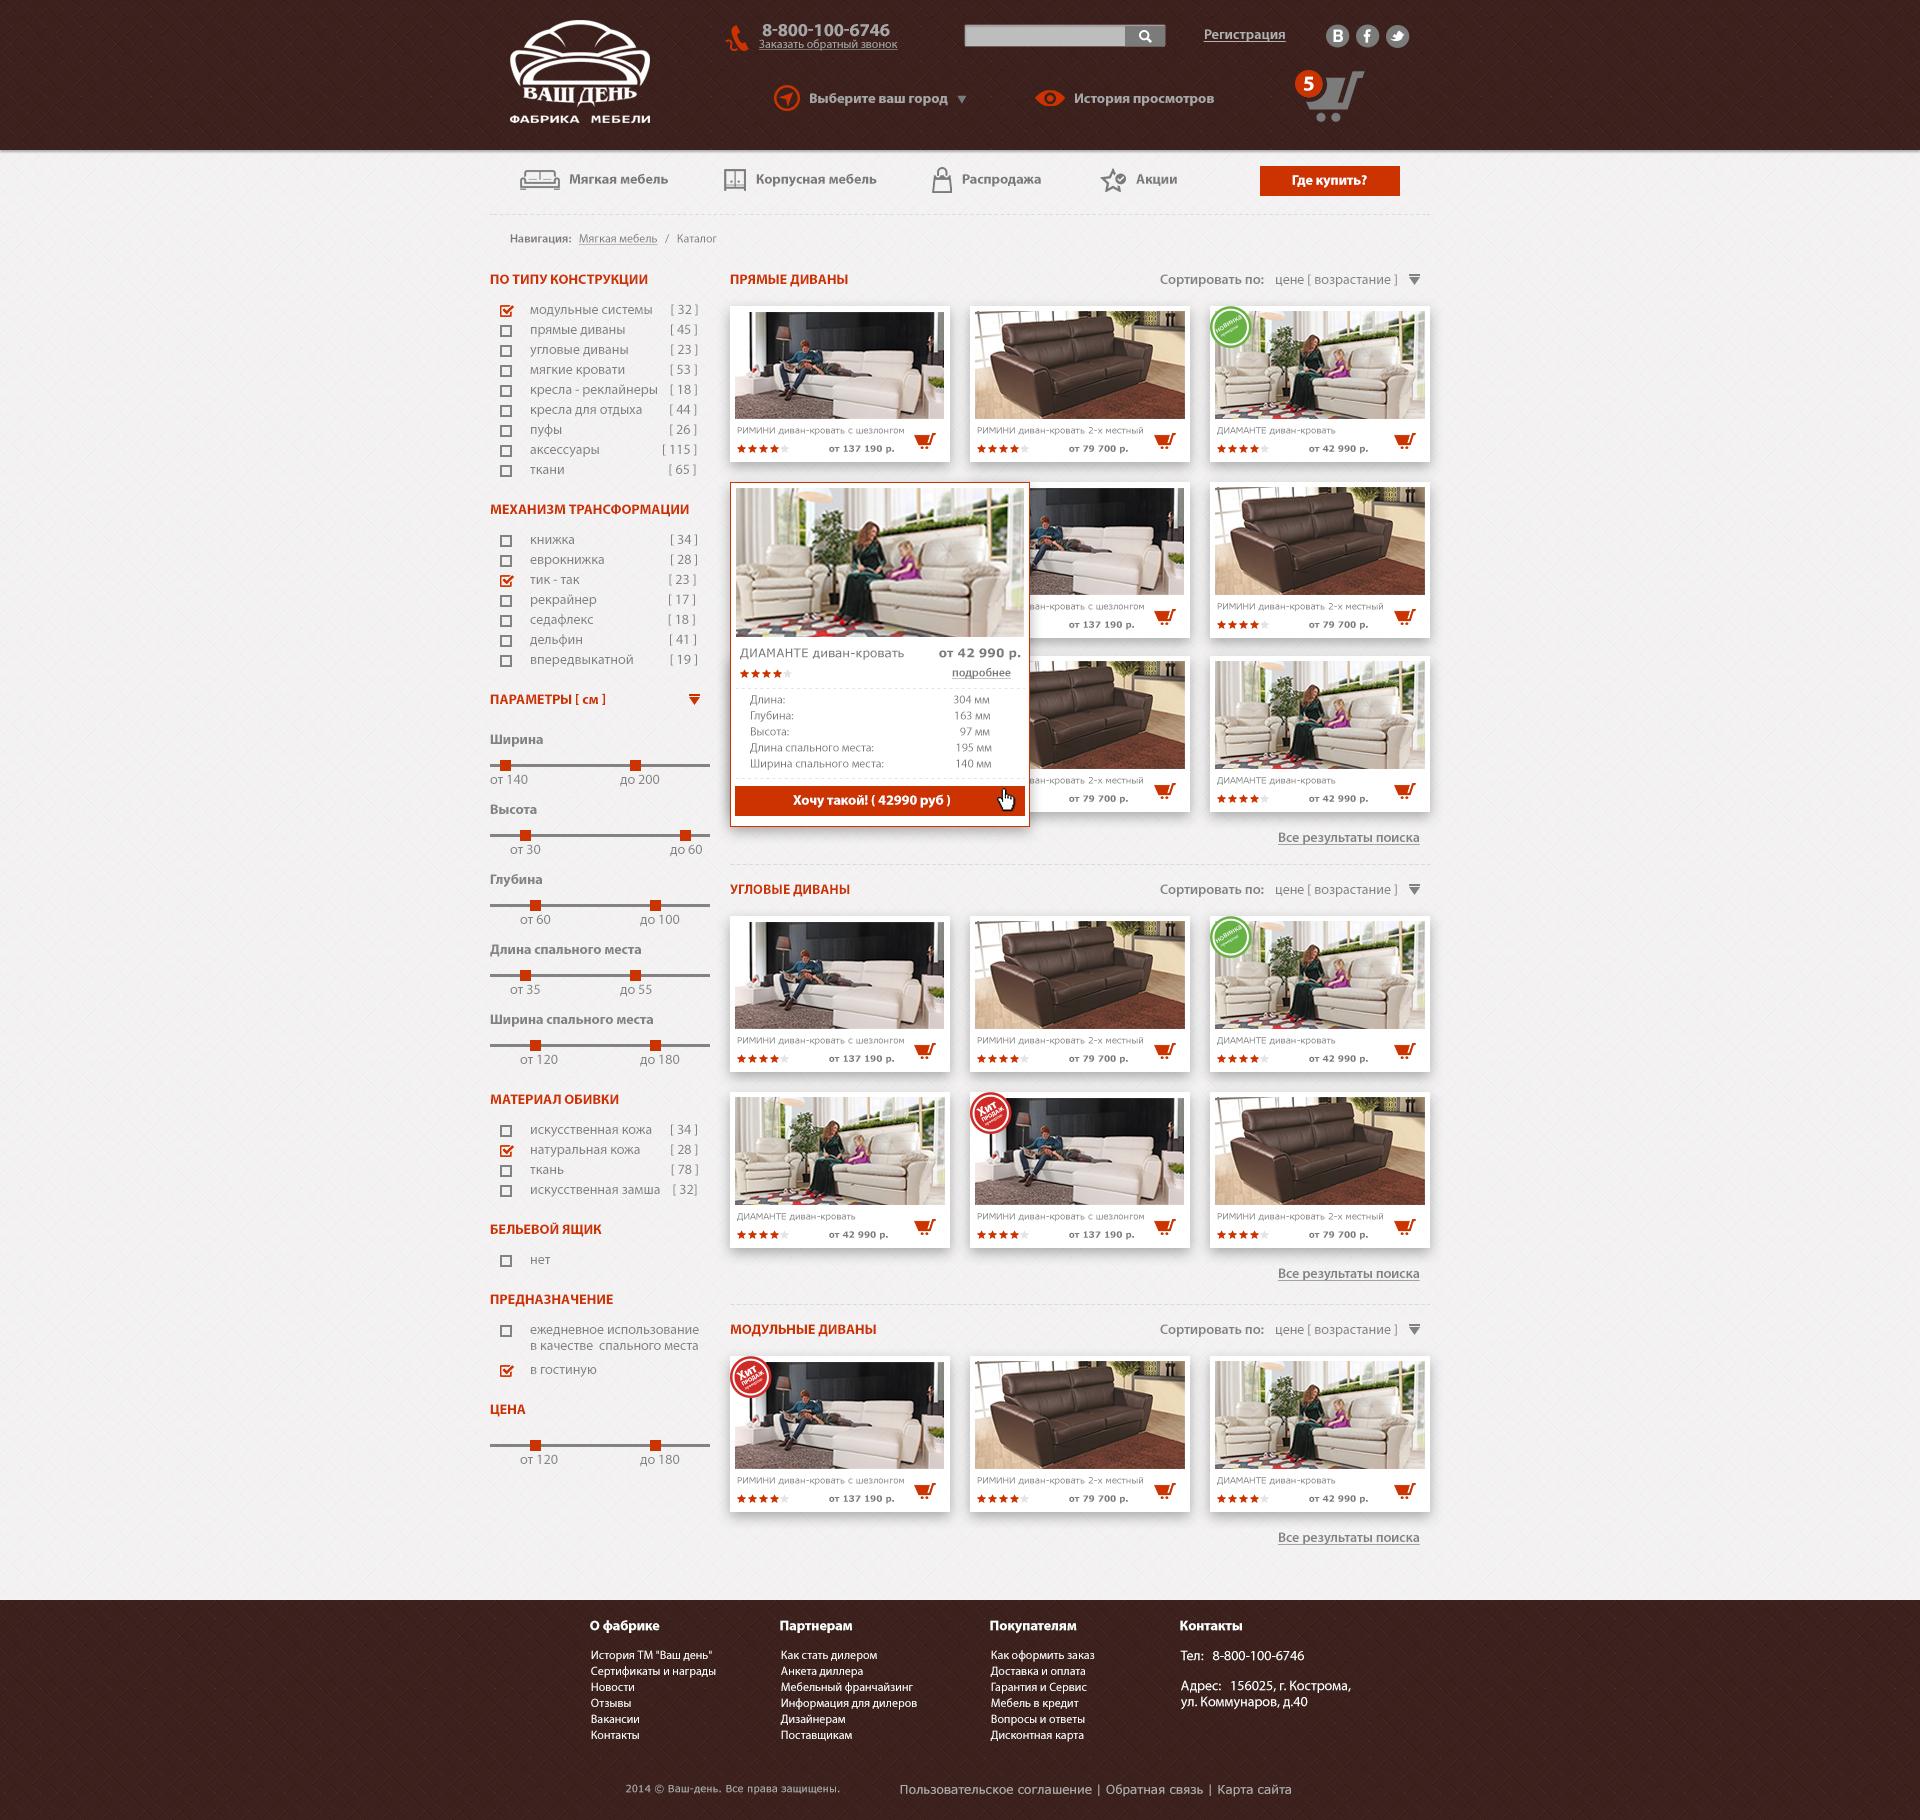 Разработать дизайн для интернет-магазина мебели фото f_07552f48d1a1394e.jpg